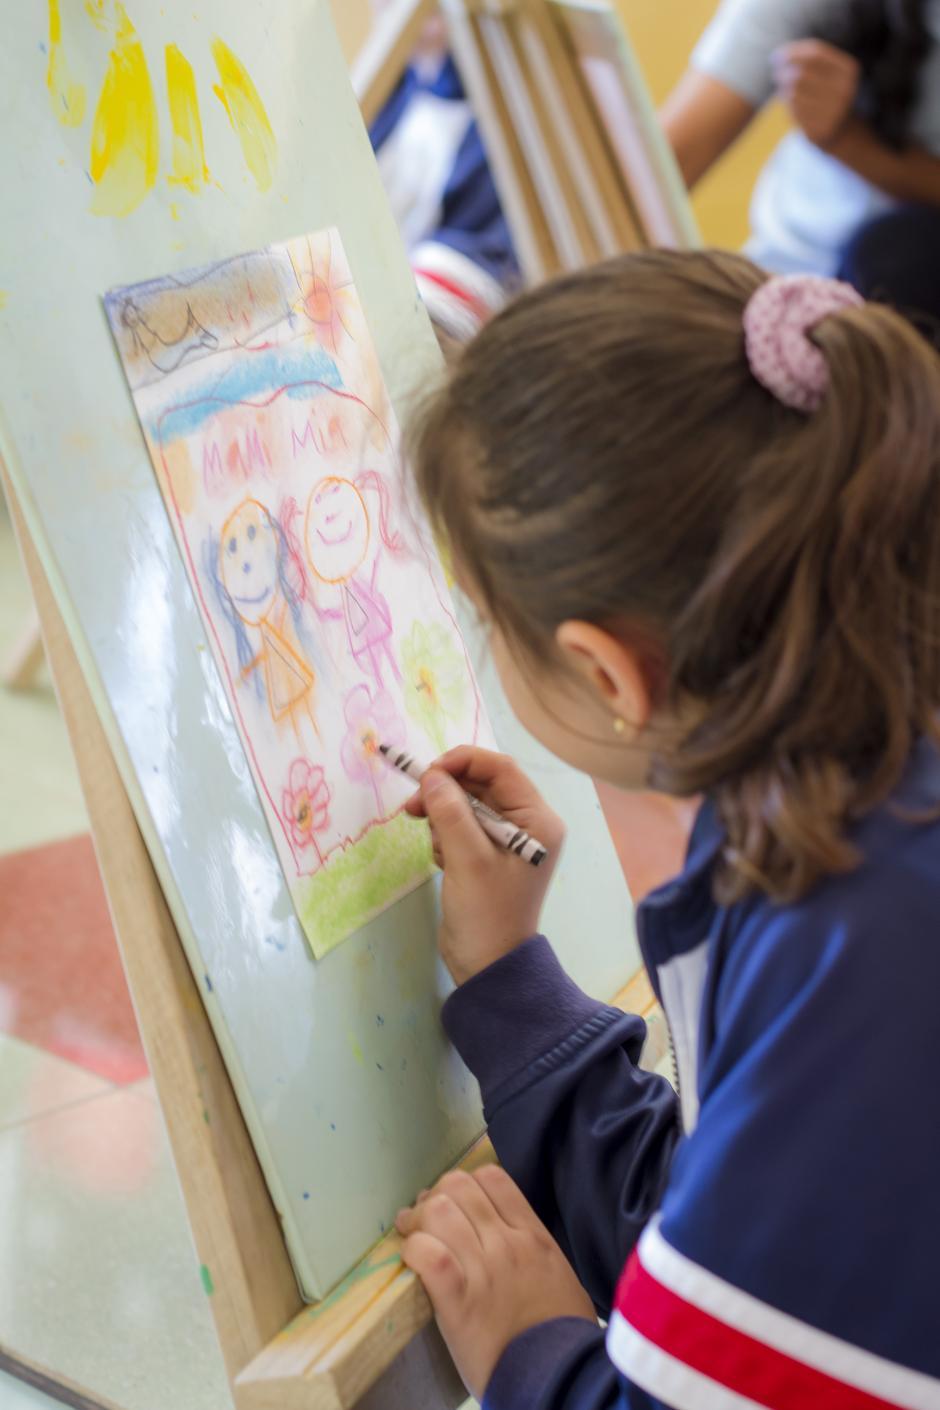 El desarrollo artístico también es prioridad en el colegio. (Foto: Magui Medina/Soy502)